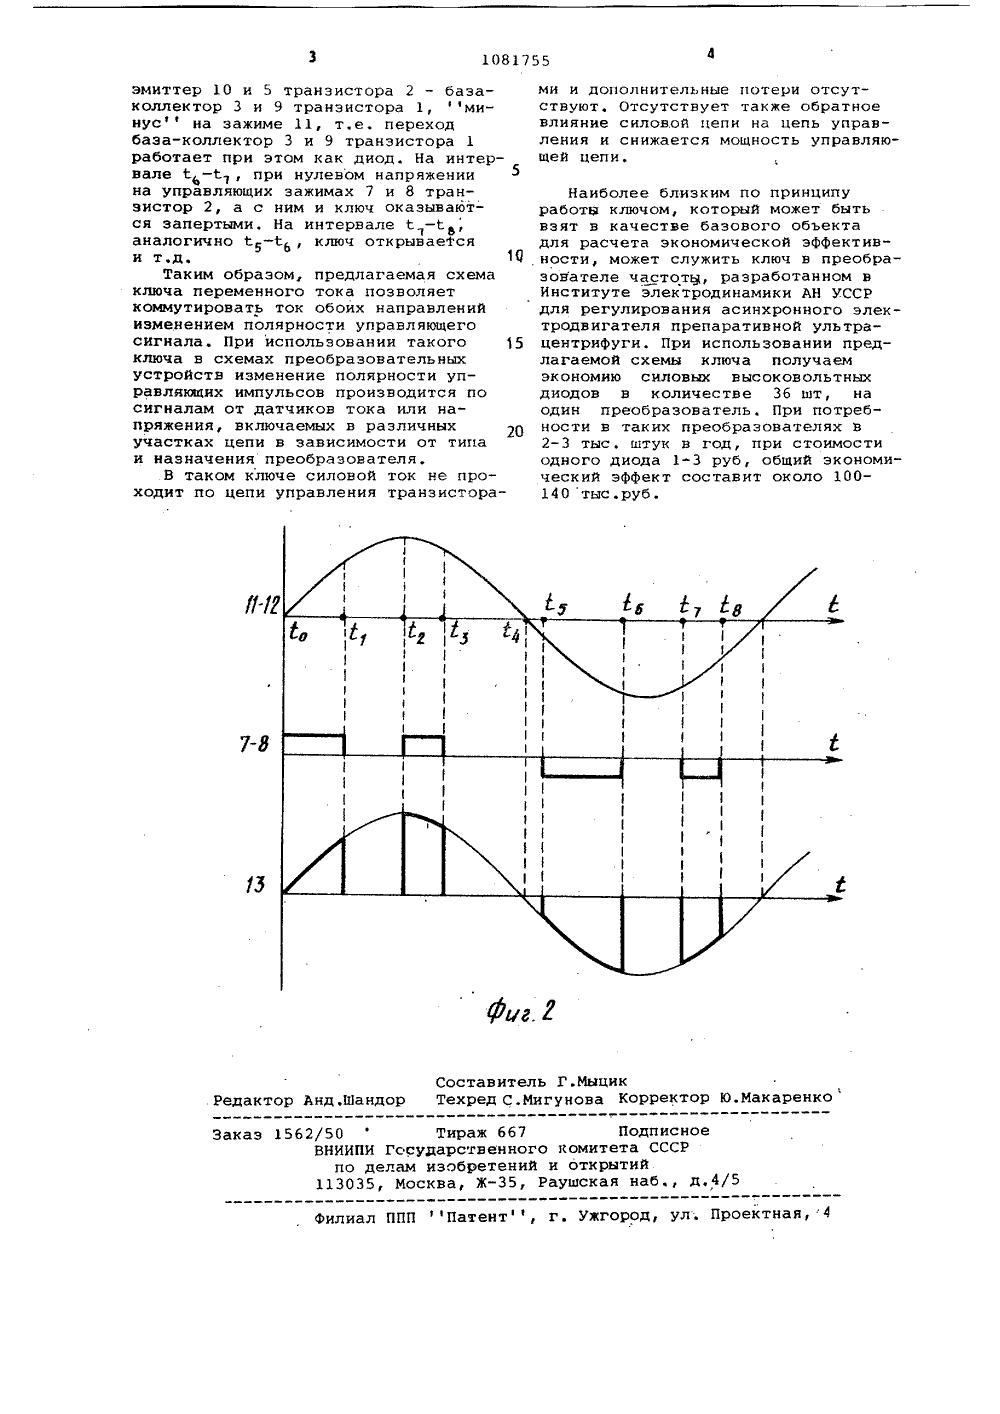 практическая схема токовый ключ на транзисторе